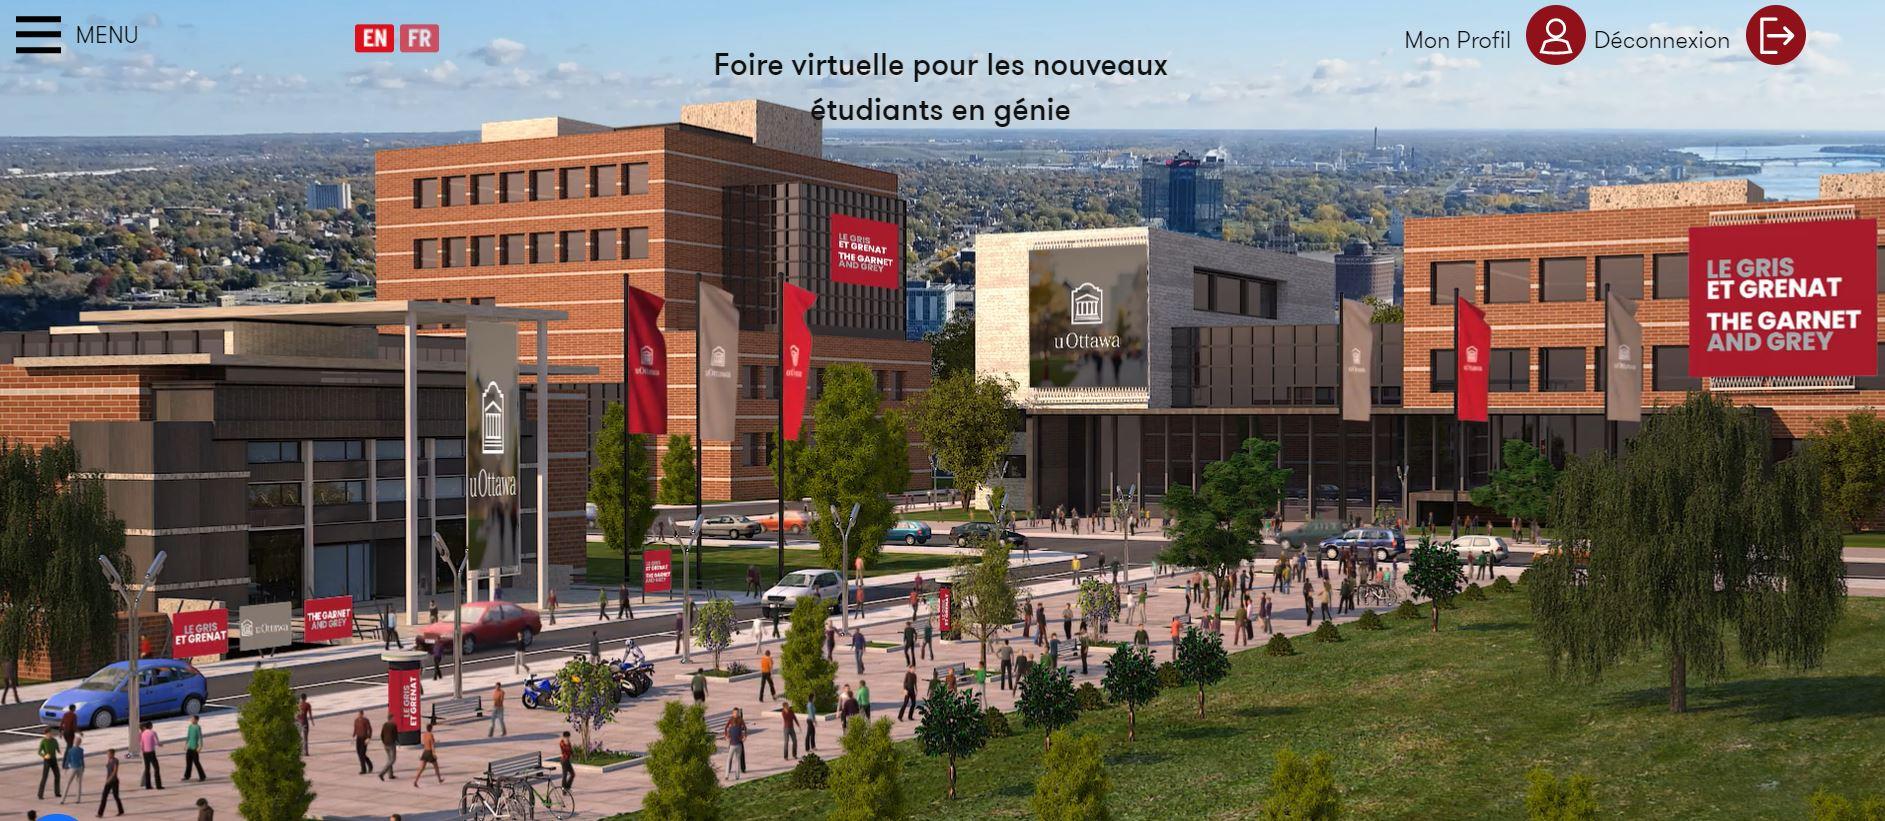 Vue virtuelle du campus de l'Université d'Ottawa dans la platforme EasyVirtualFair